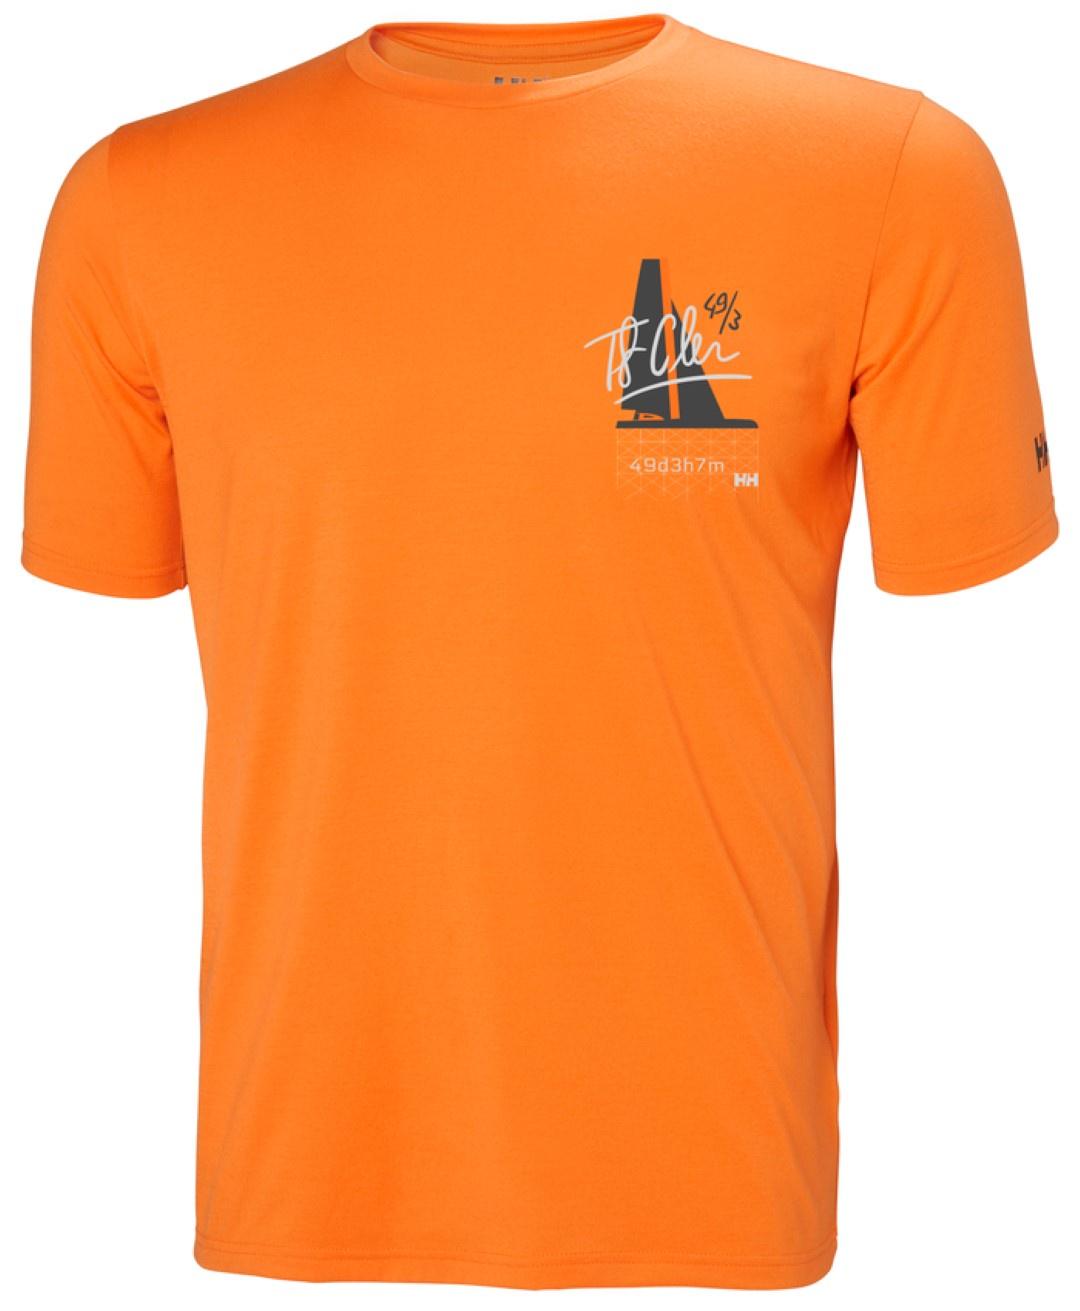 Футболка Helly Hansen футболка мужская nike dry legend training t shirt цвет черный 909350 060 размер xl 52 54